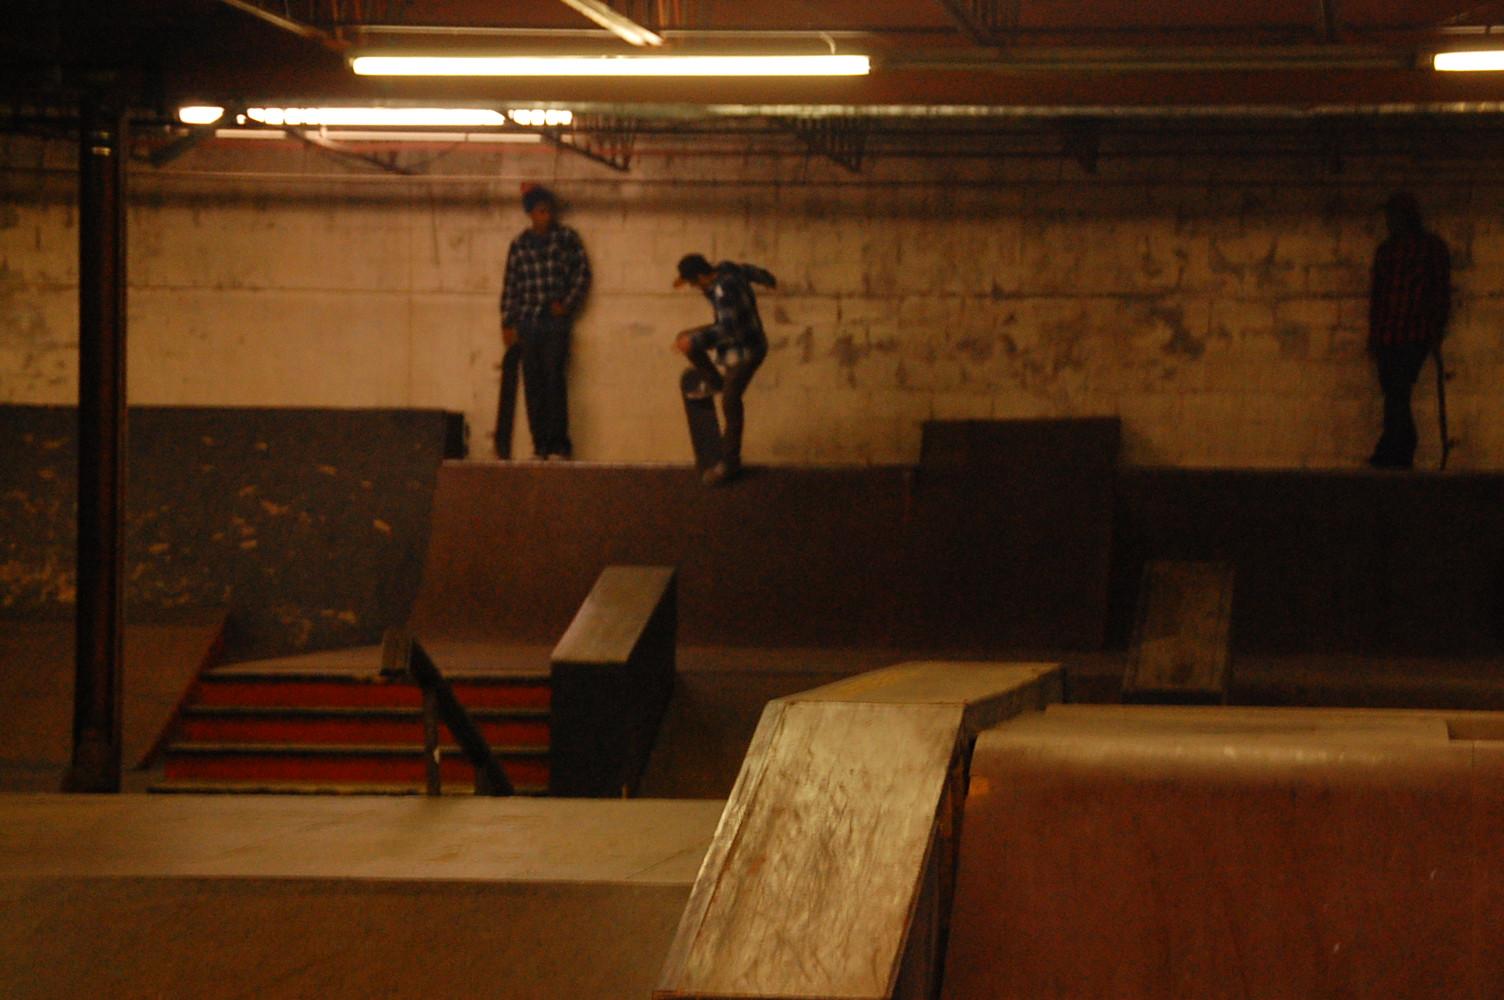 SKATE NAKED INDOOR SKATE PARK - Skate Parks - 3790 E 5th